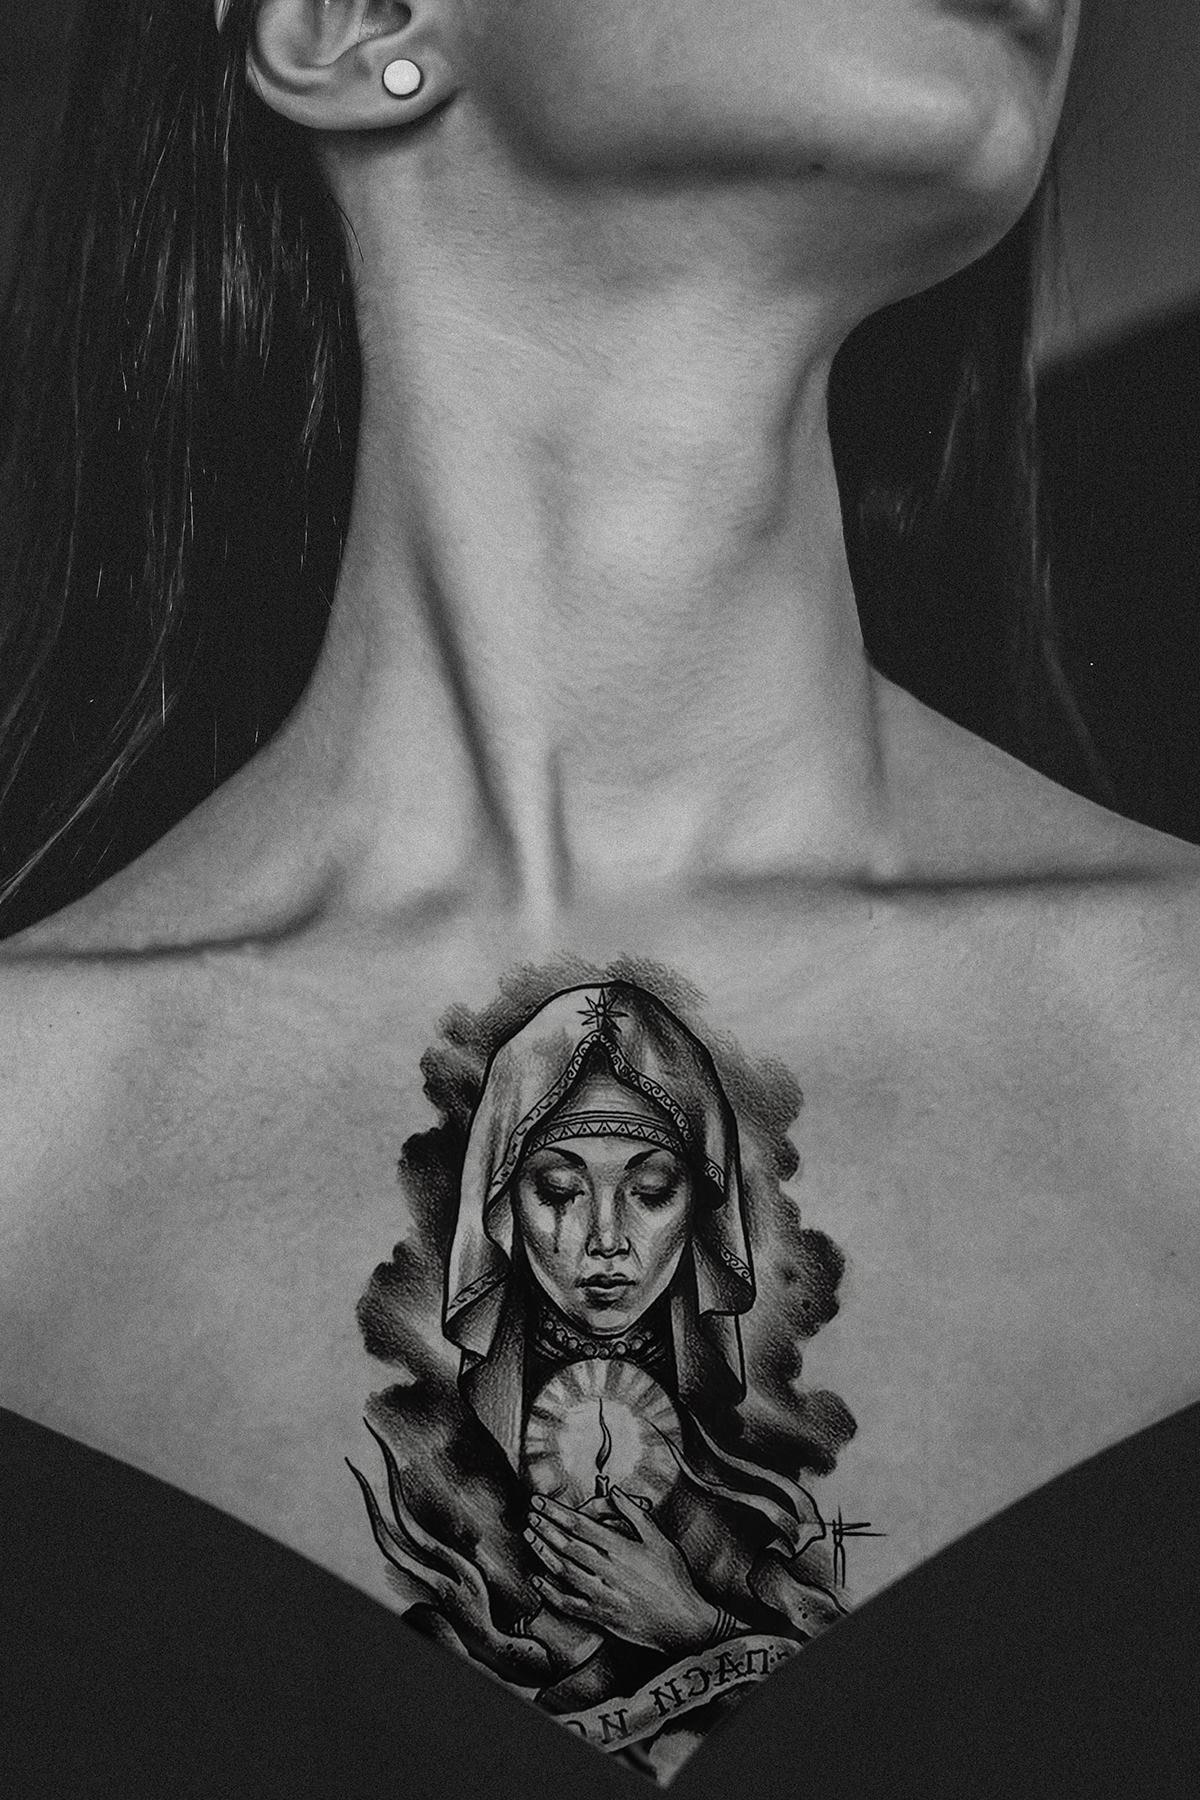 TAKIŞTIR Geçici Kadın Dövme Tattoo 1